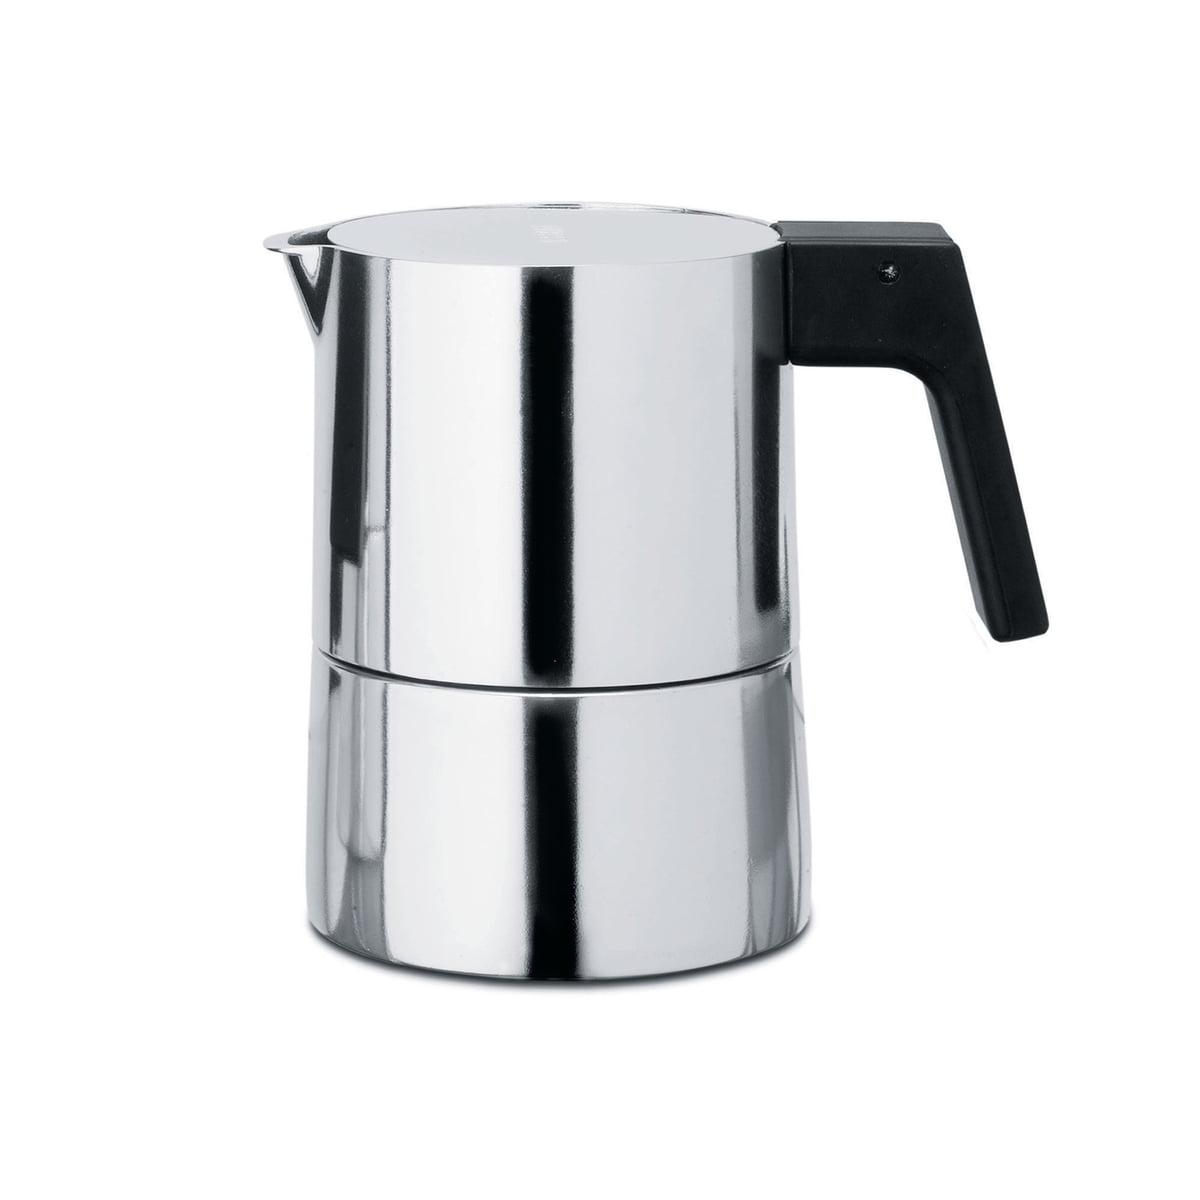 Espressokocher Pina, 150 ml